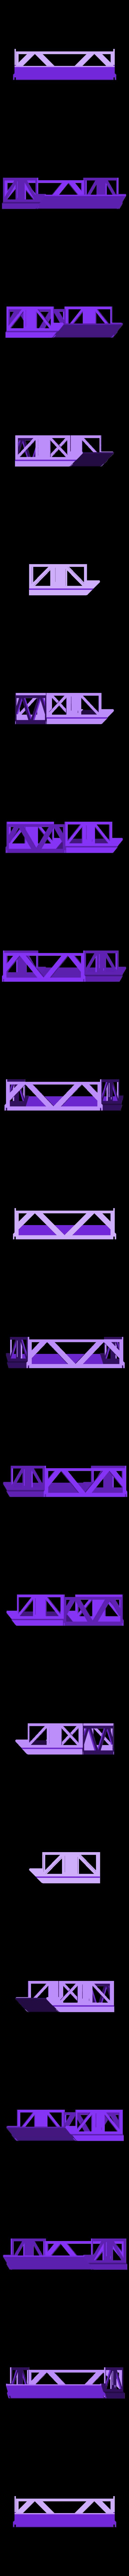 GLOVE BOX (L).stl Télécharger fichier STL gratuit Porte-boîte à gants empilable • Objet pour imprimante 3D, 3DPrintersaur